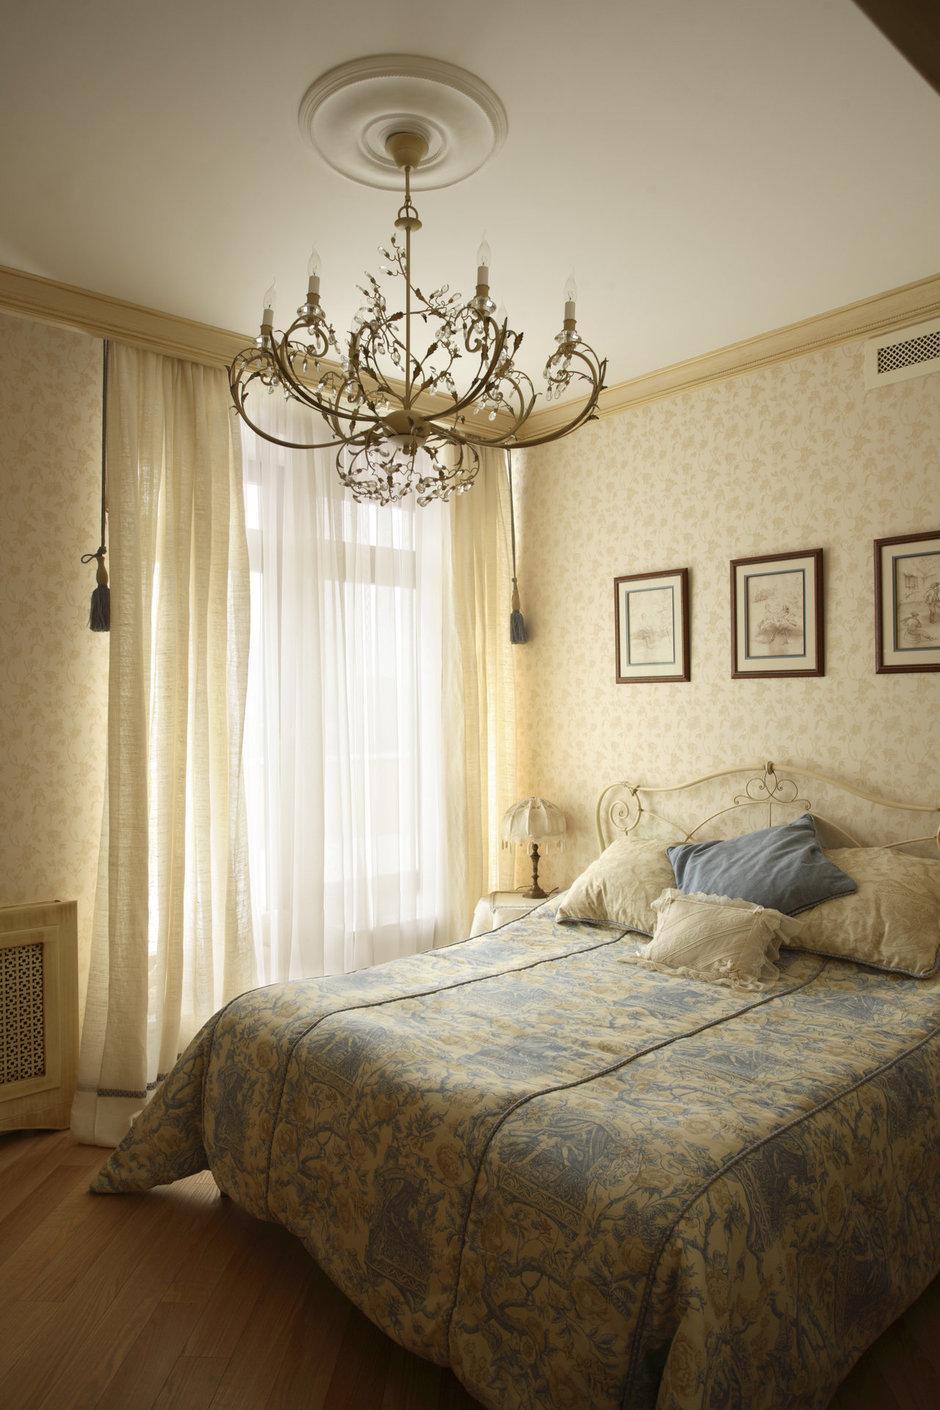 Фотография: Спальня в стиле Прованс и Кантри, Классический, Современный, Квартира, Дома и квартиры, Модерн, Ар-нуво – фото на InMyRoom.ru